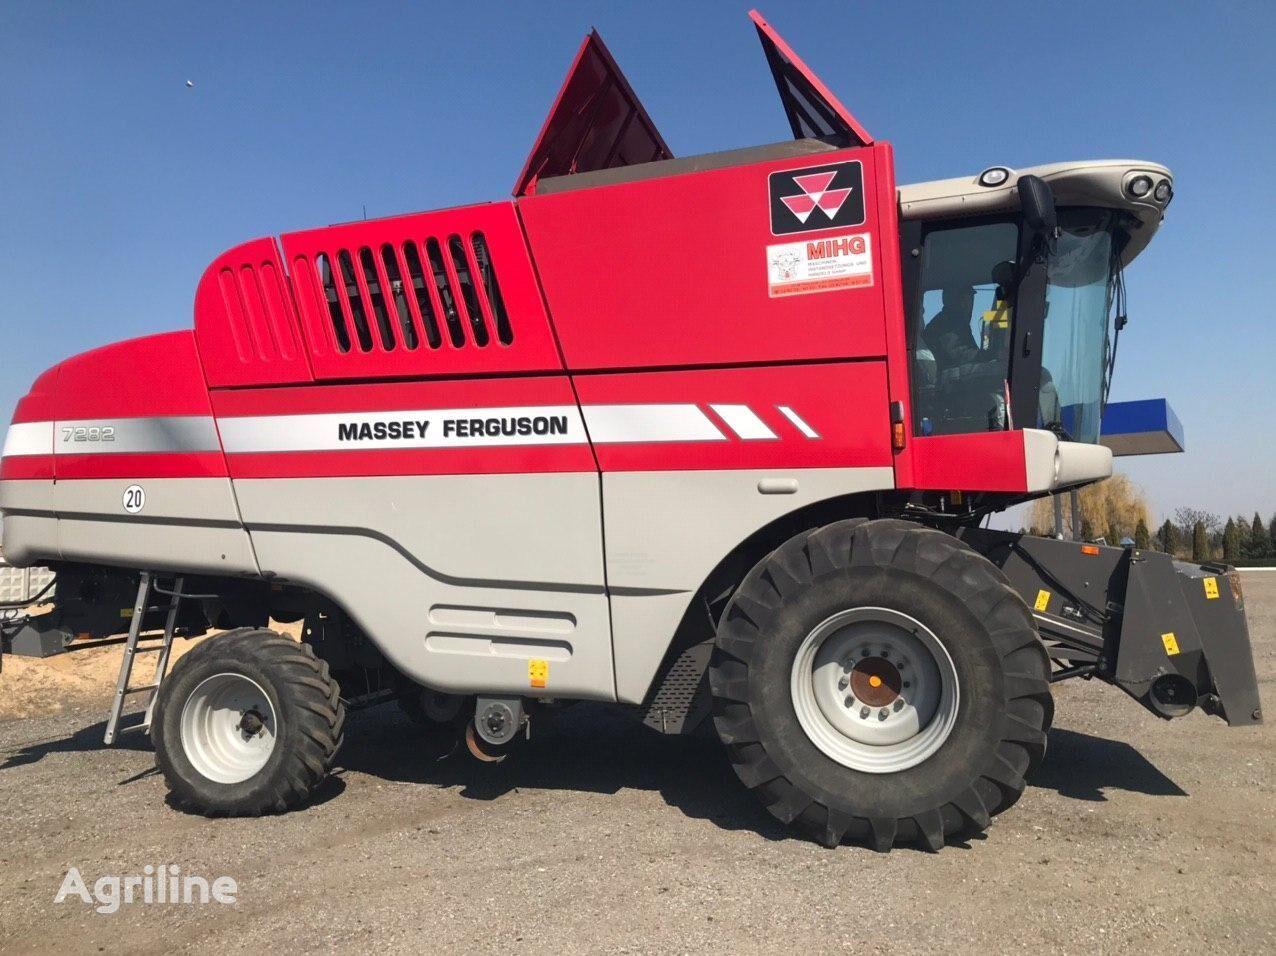 MASSEY FERGUSON 7282 grain harvester